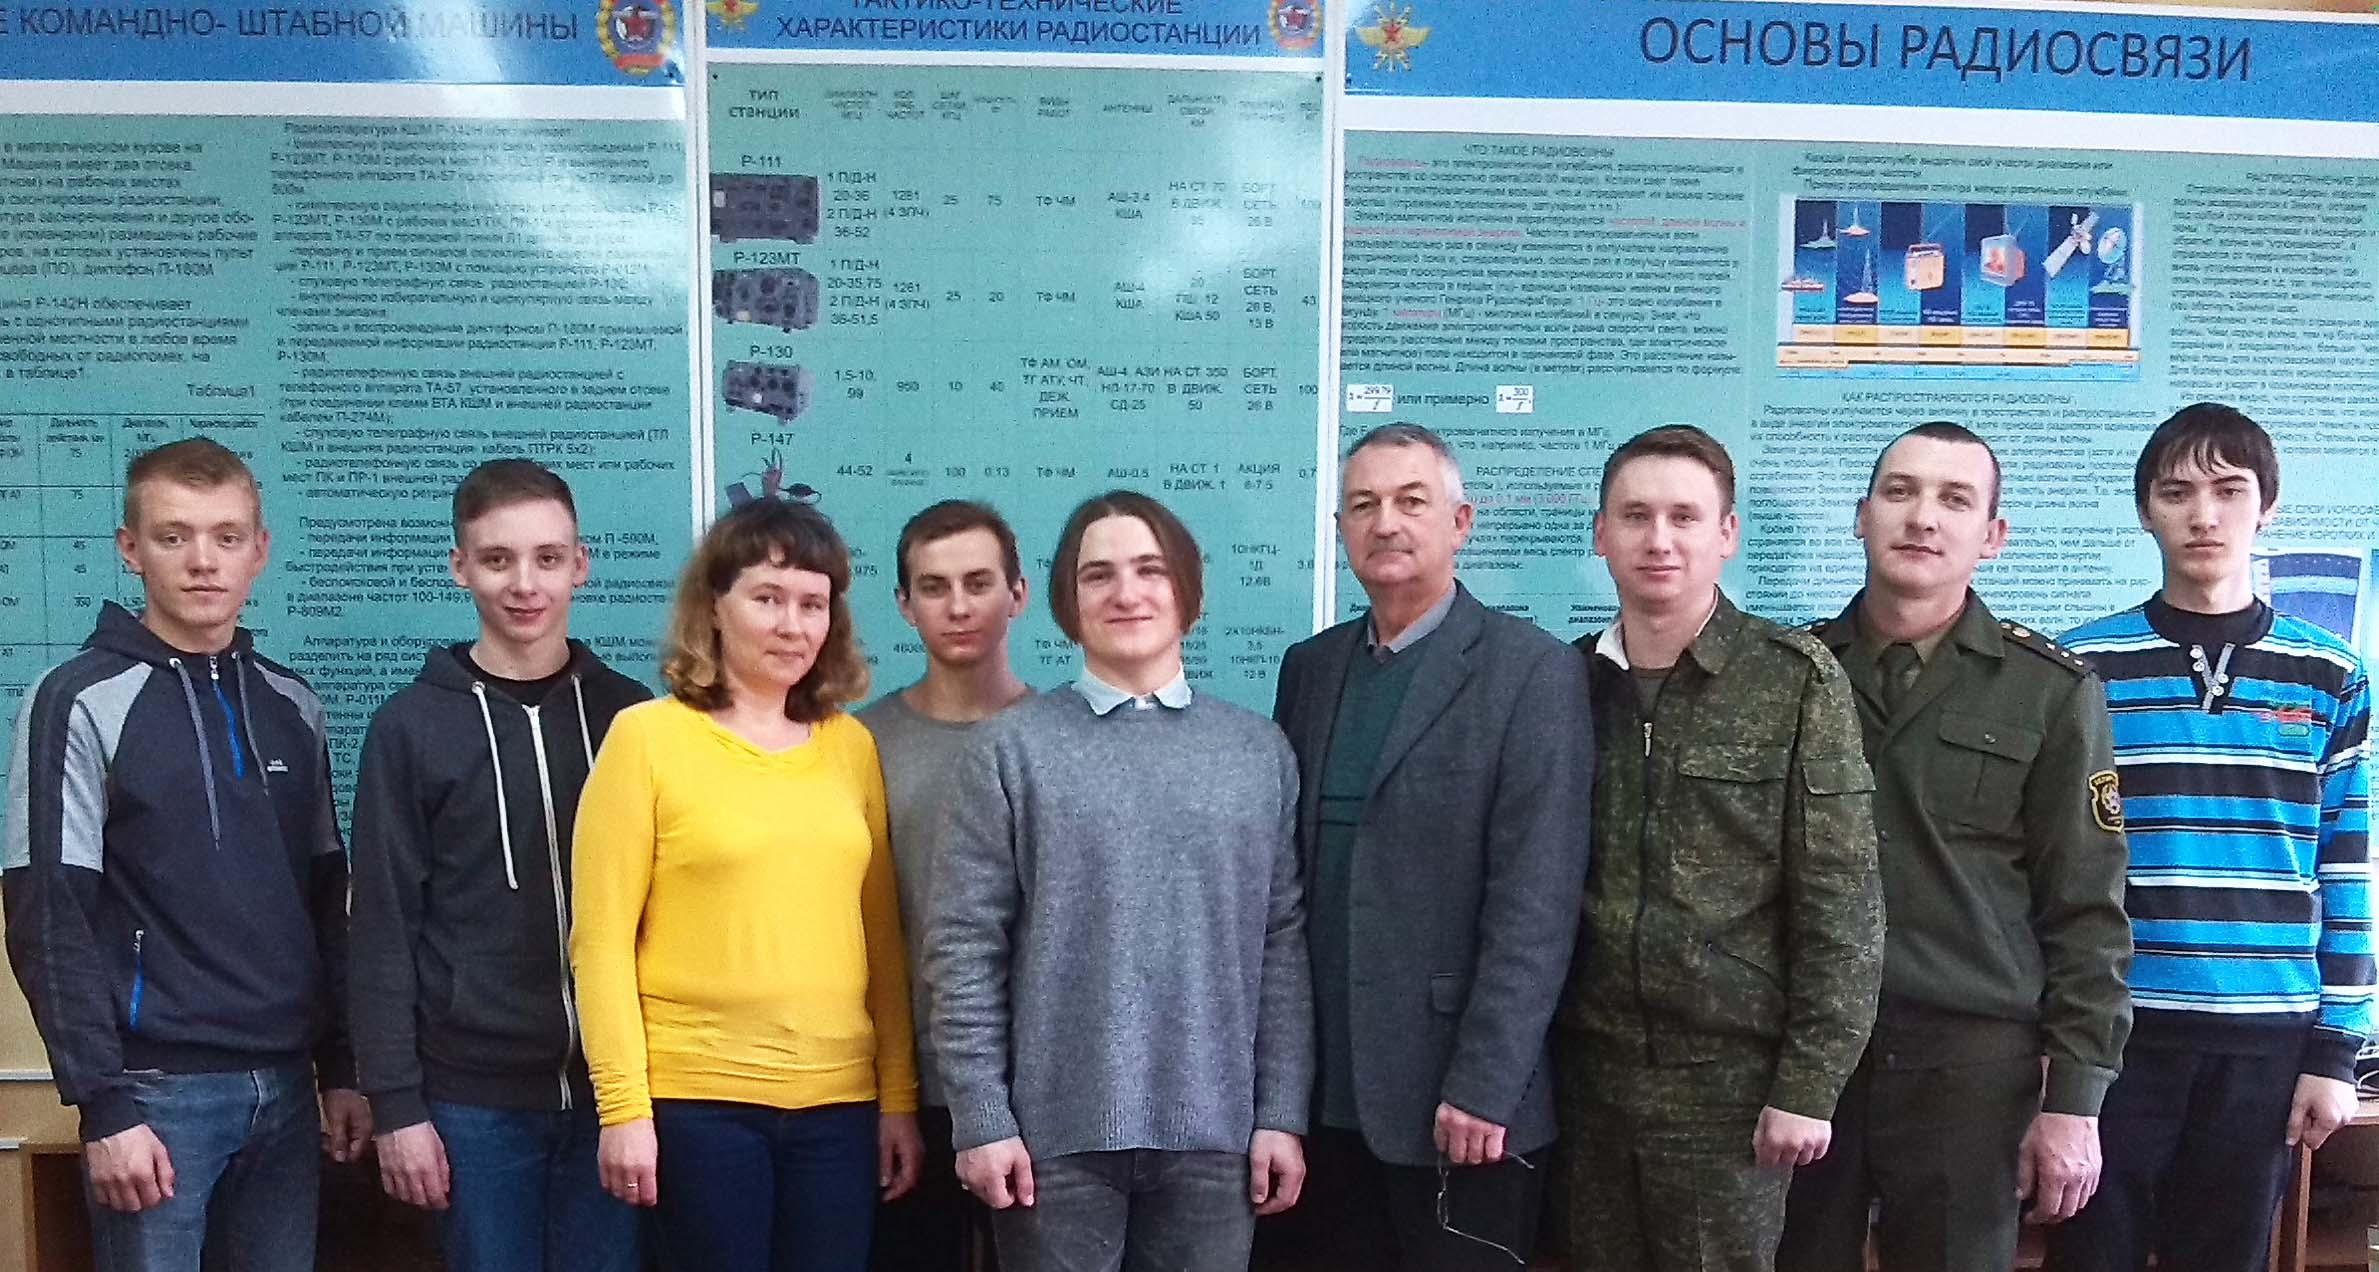 Члены приемной комиссии и выпускники курсов военных радиотелеграфистов